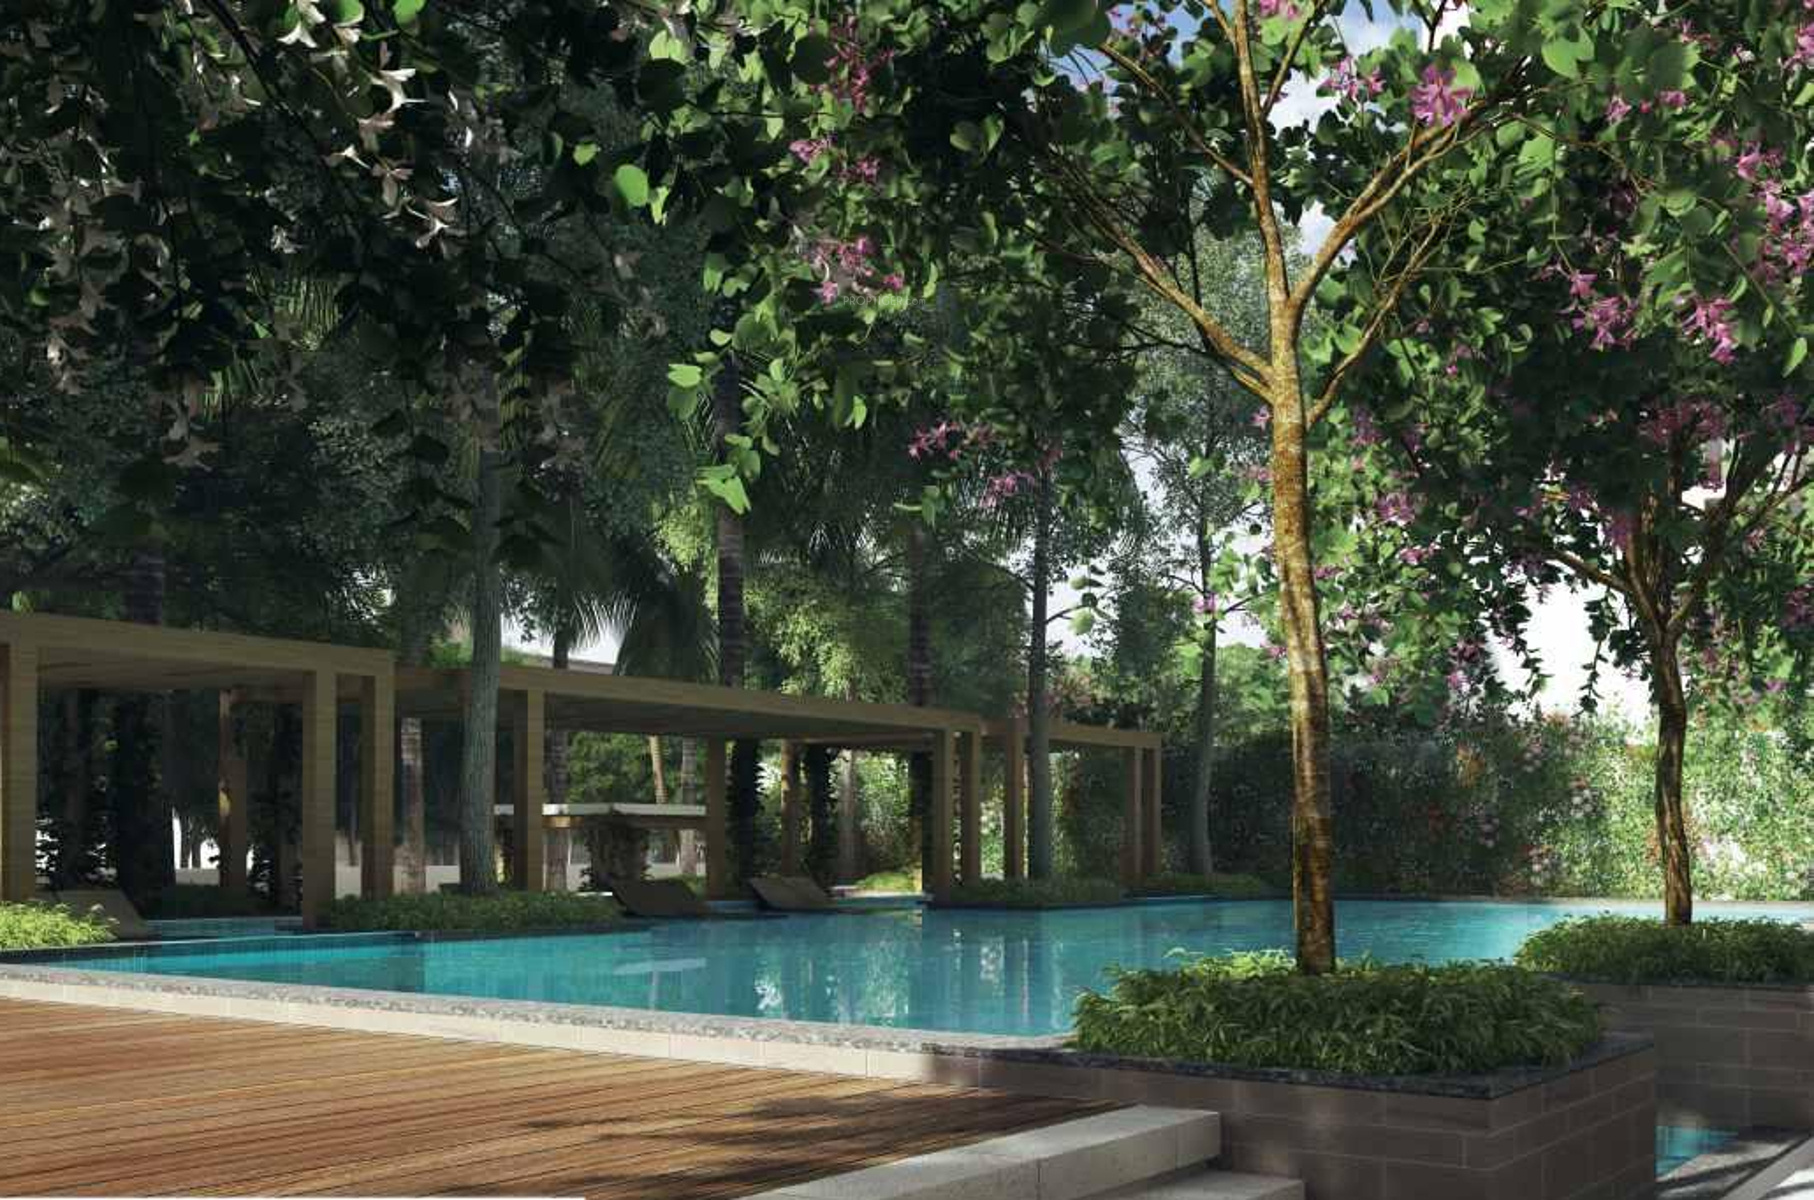 Mahindra windchimes in bilekahalli bangalore price - Club mahindra kandaghat swimming pool ...